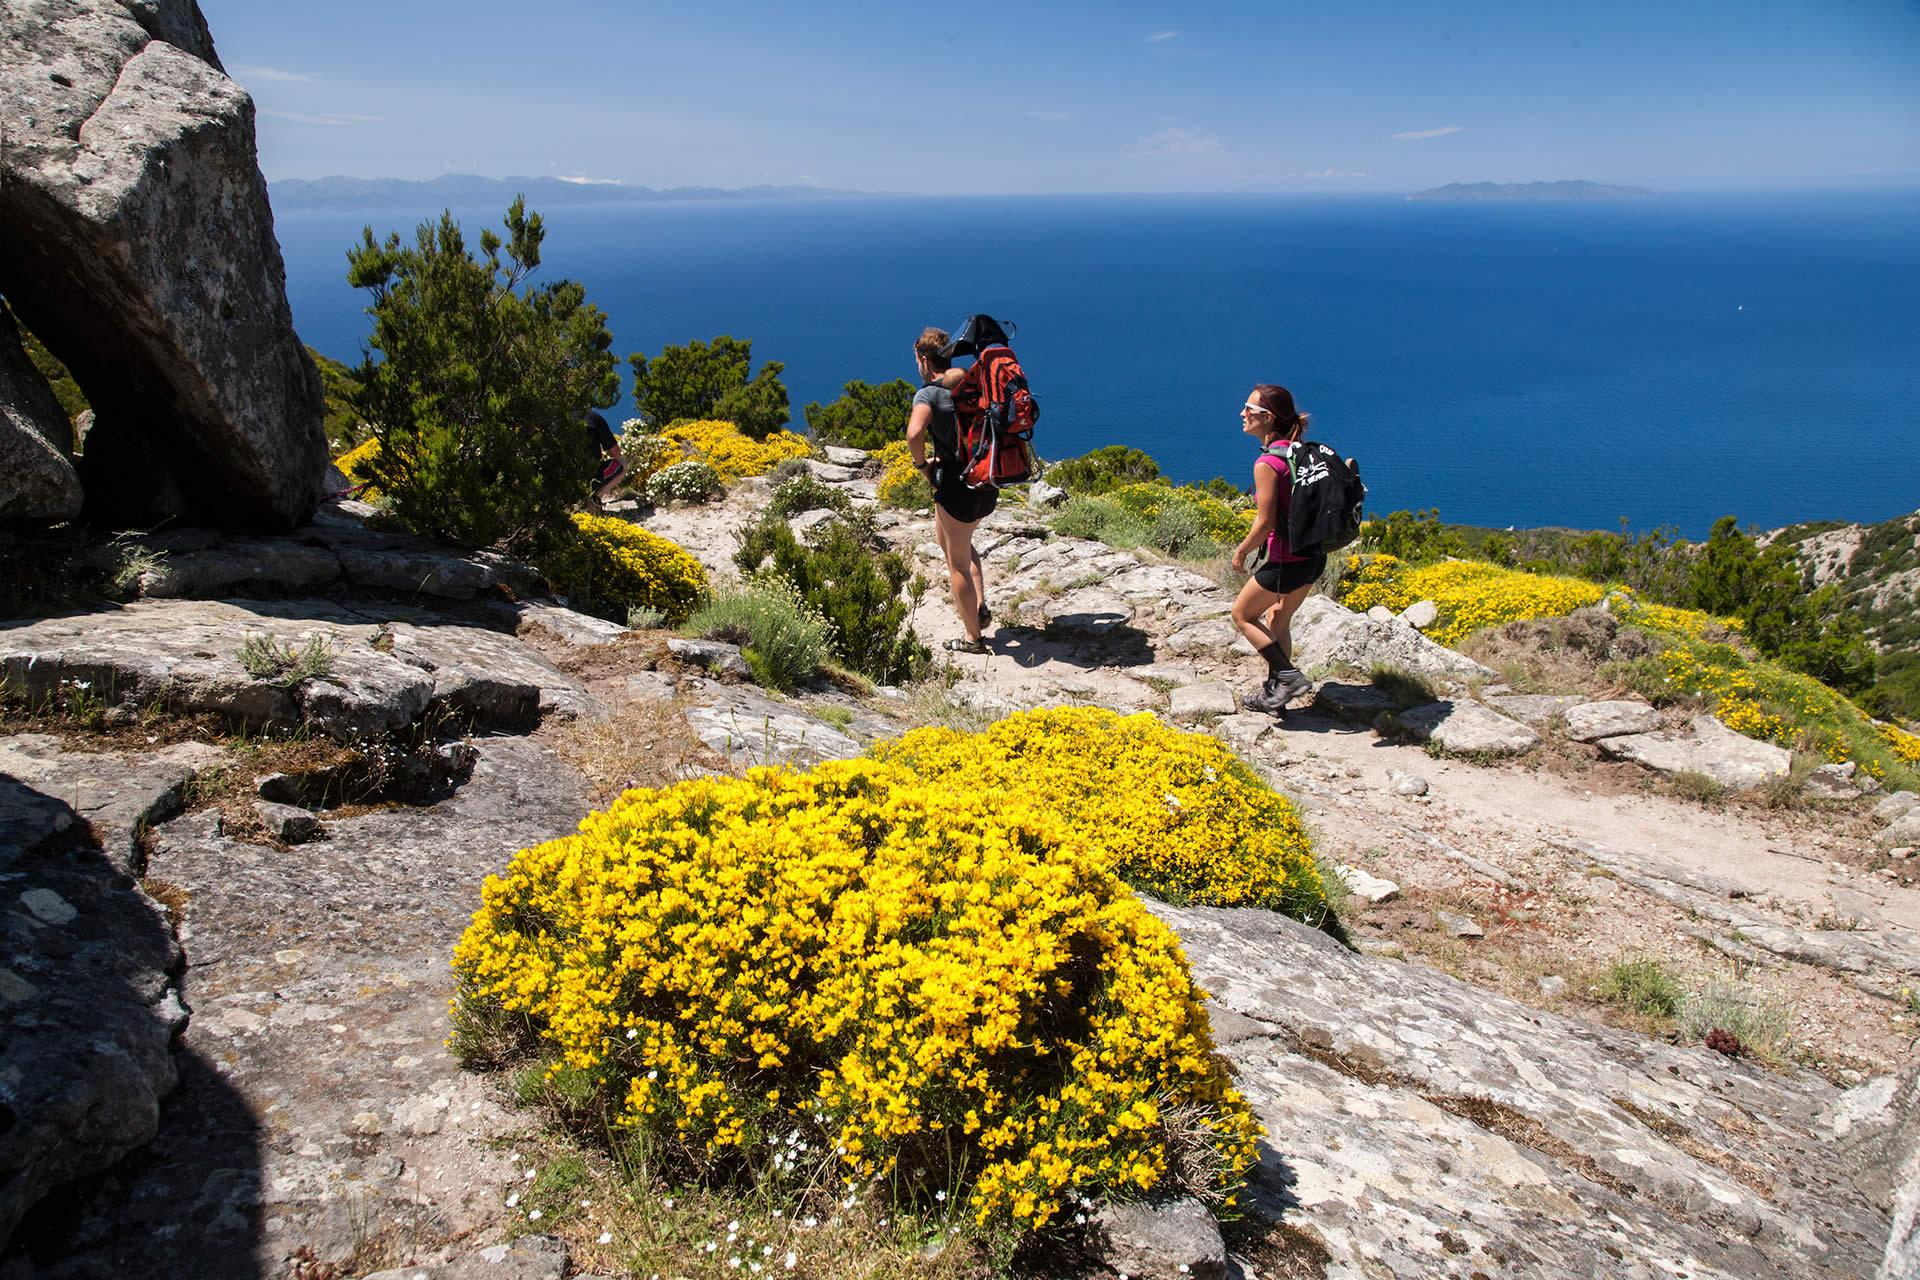 Fiori Gialli Isola Delba.Giardini Floreali Visit Elba